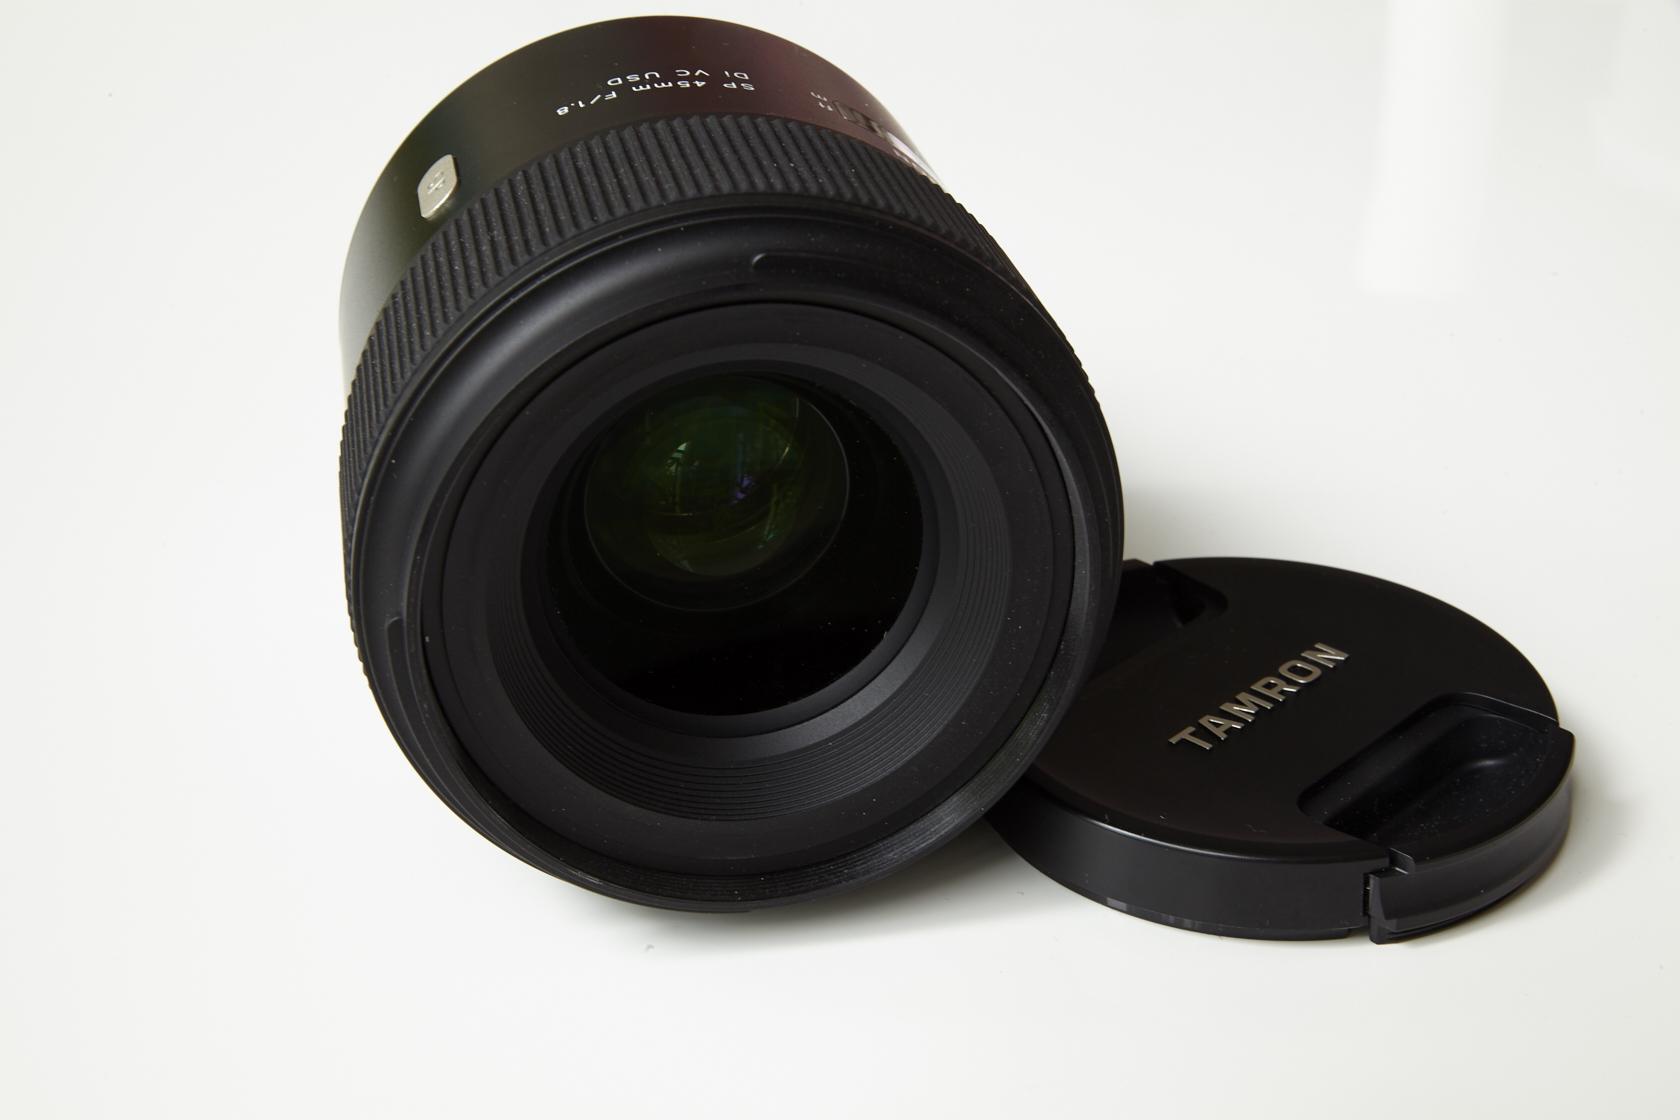 SP45mm_Objectif_2